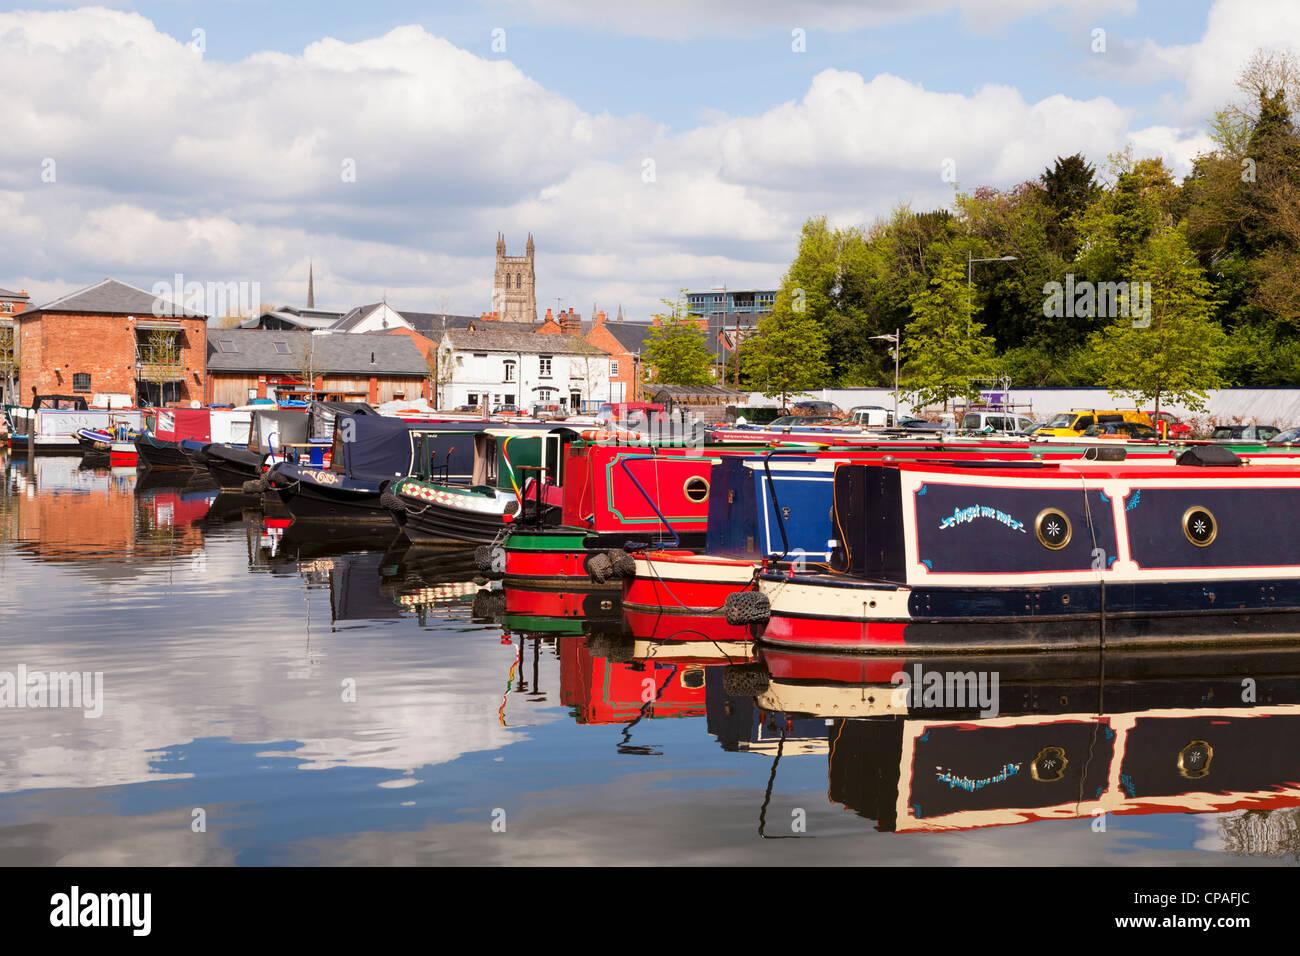 Henwick Narrowboats au bassin, Worcester, Angleterre, à l'extrémité sud de la Canal de Birmingham, Photo Stock